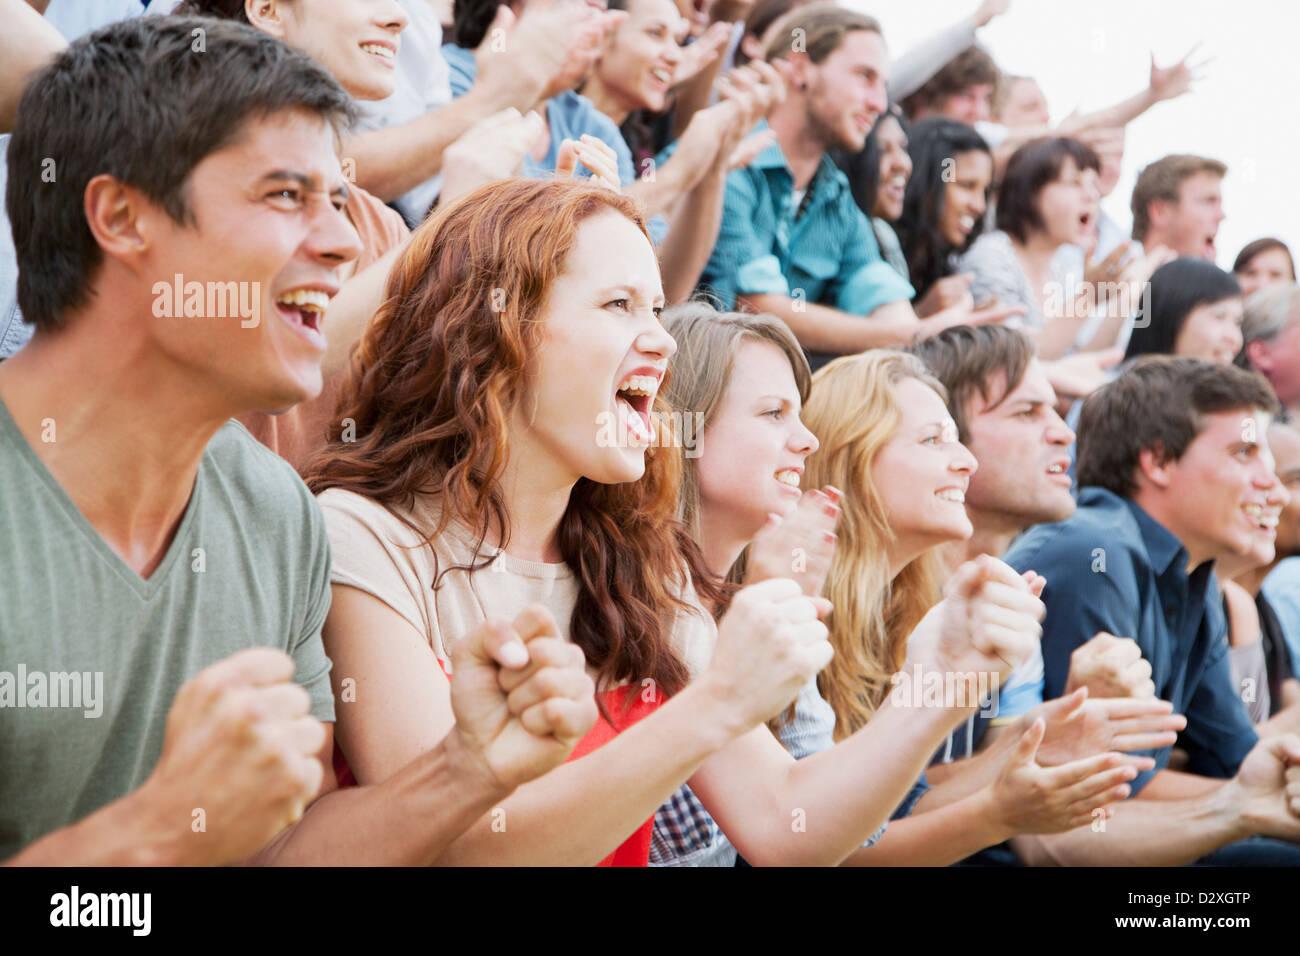 Fans vitoreando en multitud Imagen De Stock